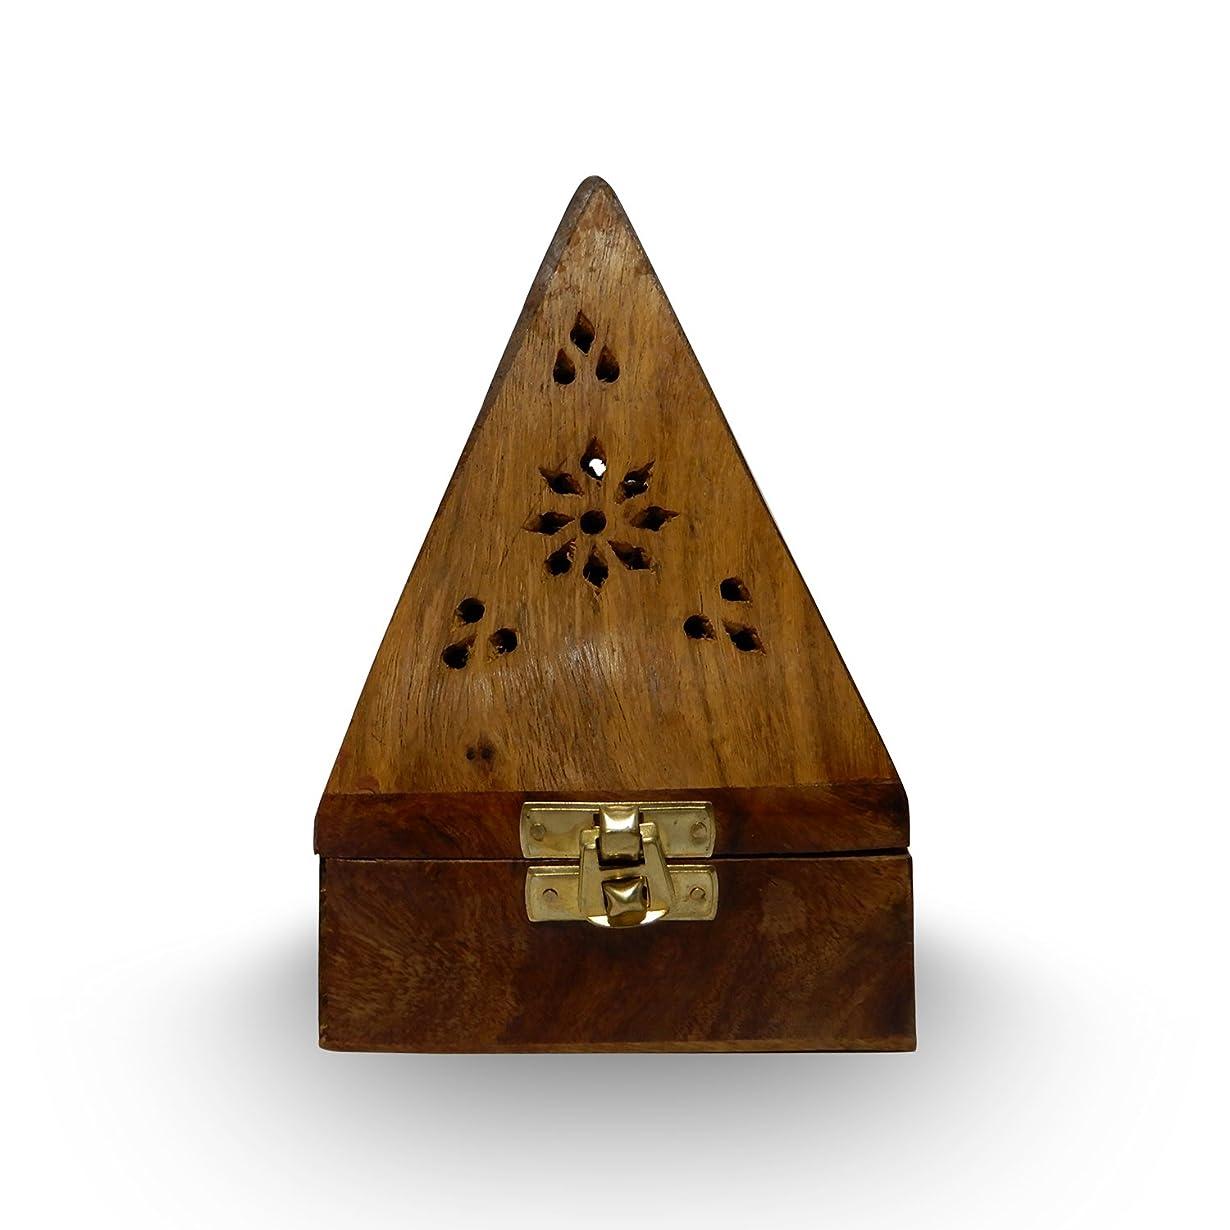 ボトル専制慣性木製クラシックピラミッドスタイルBurner ( Dhoopホルダー) with Base正方形とトップ円錐形状、木製香炉ボックス